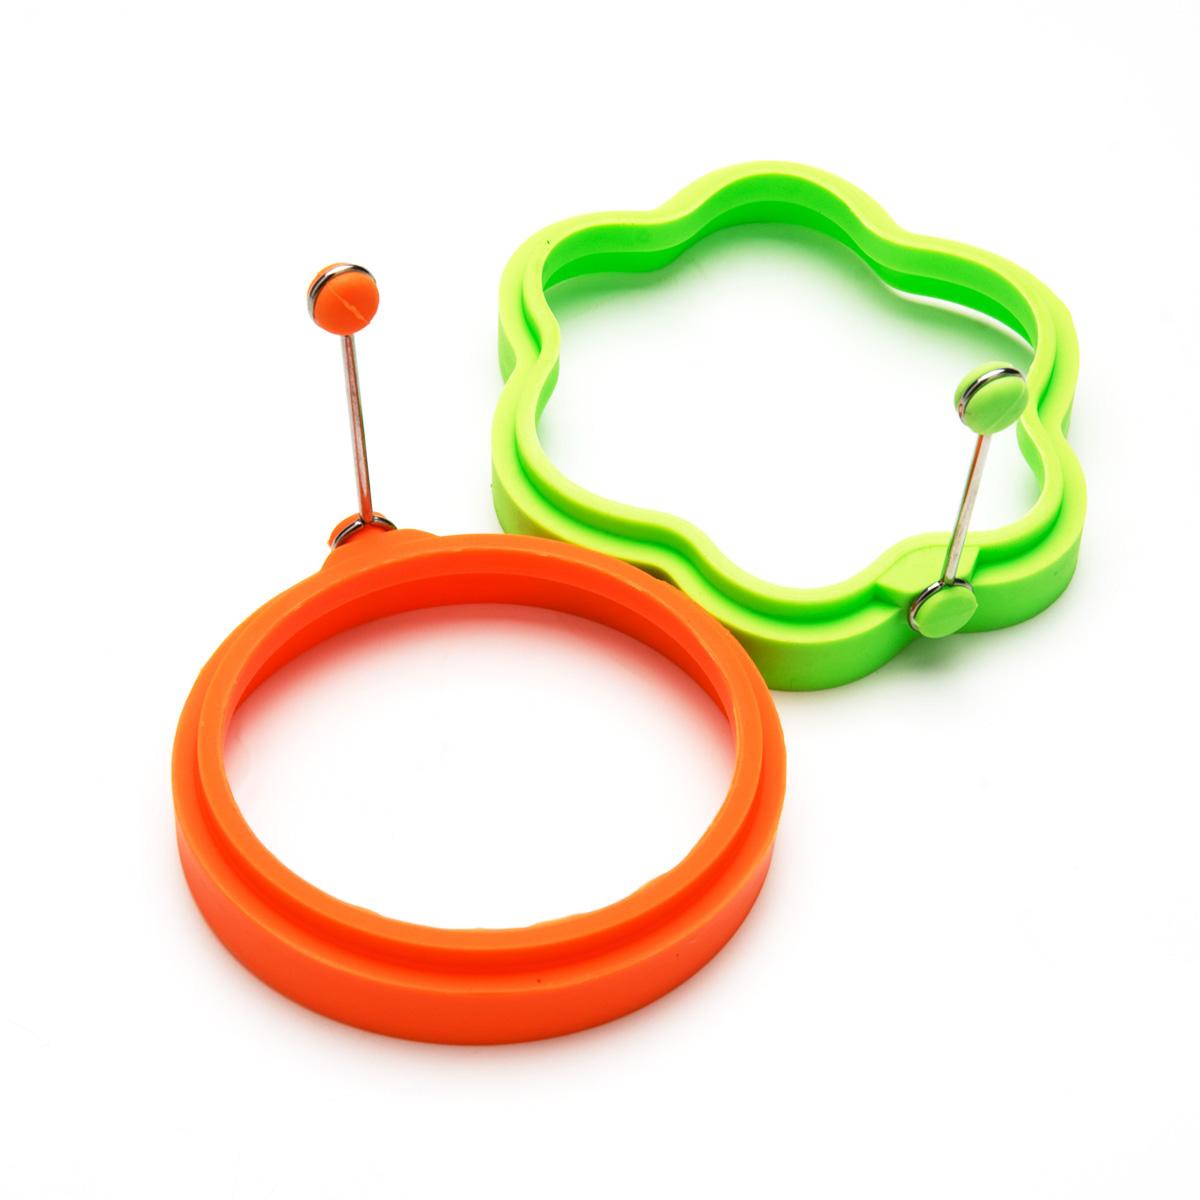 Набор форм для яичницы Mayer & Boch, цвет: оранжевый, салатовый, 2 шт набор форм для круассанов mayer